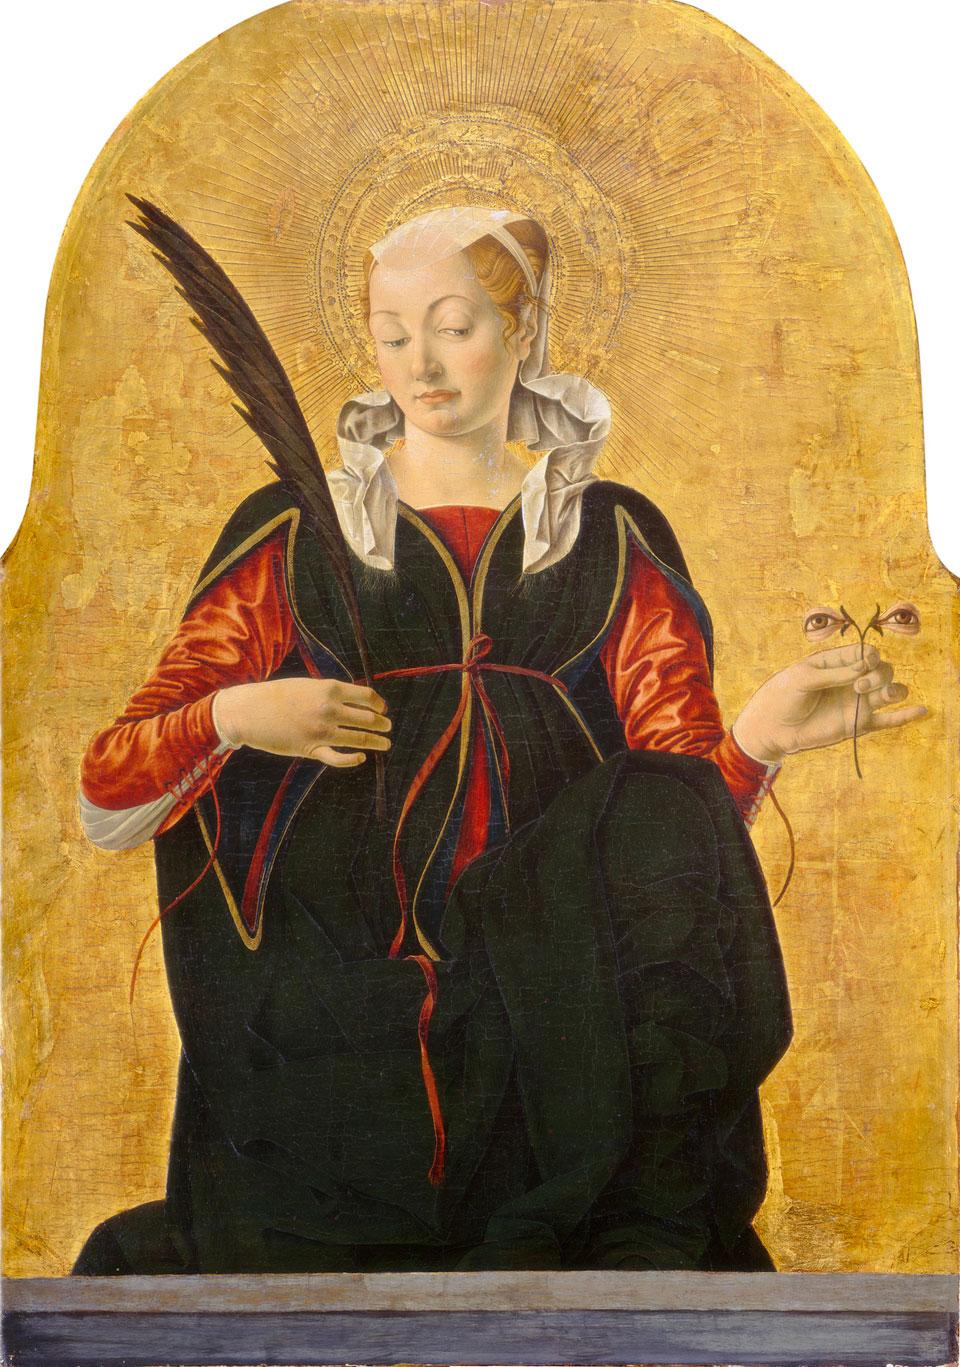 Santa-Lucia-Francesco-del-Cossa-completa.jpg